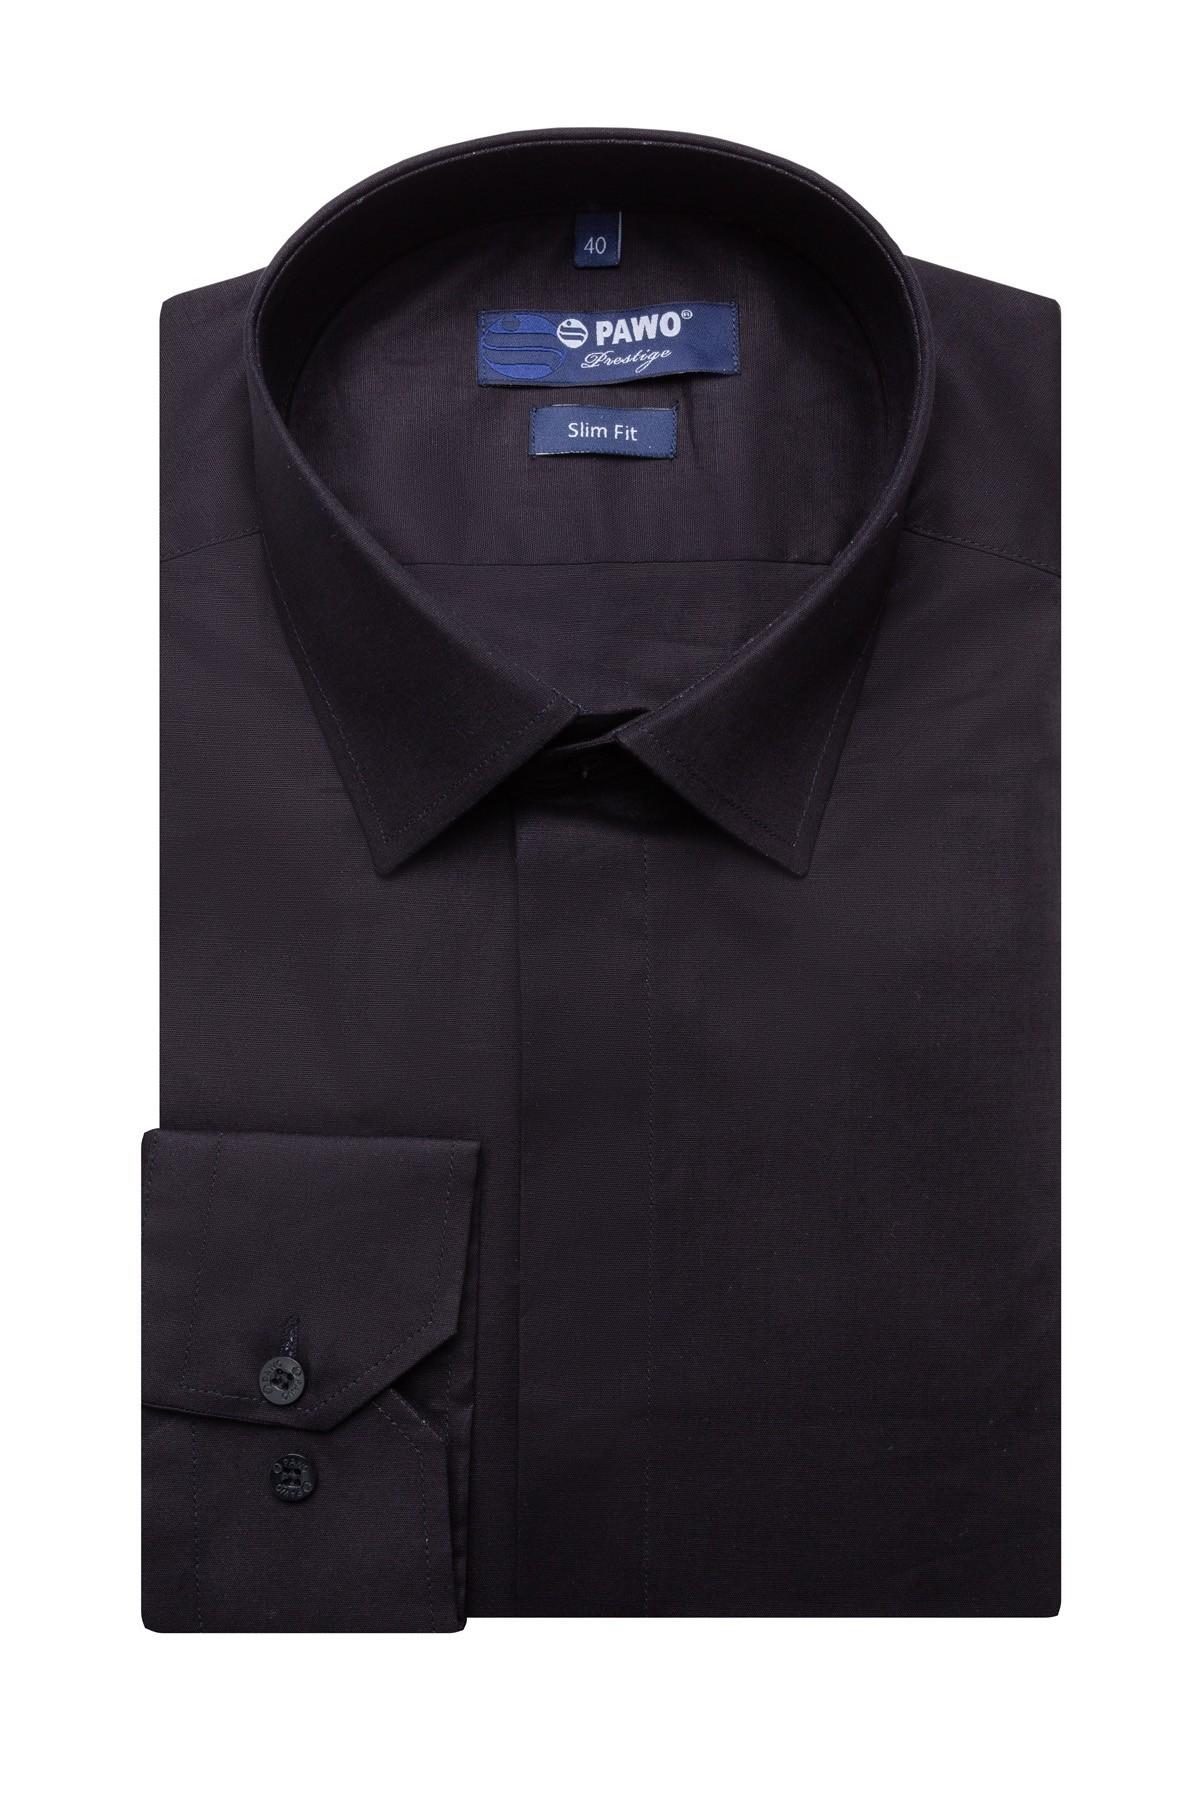 czarna koszula męska slim